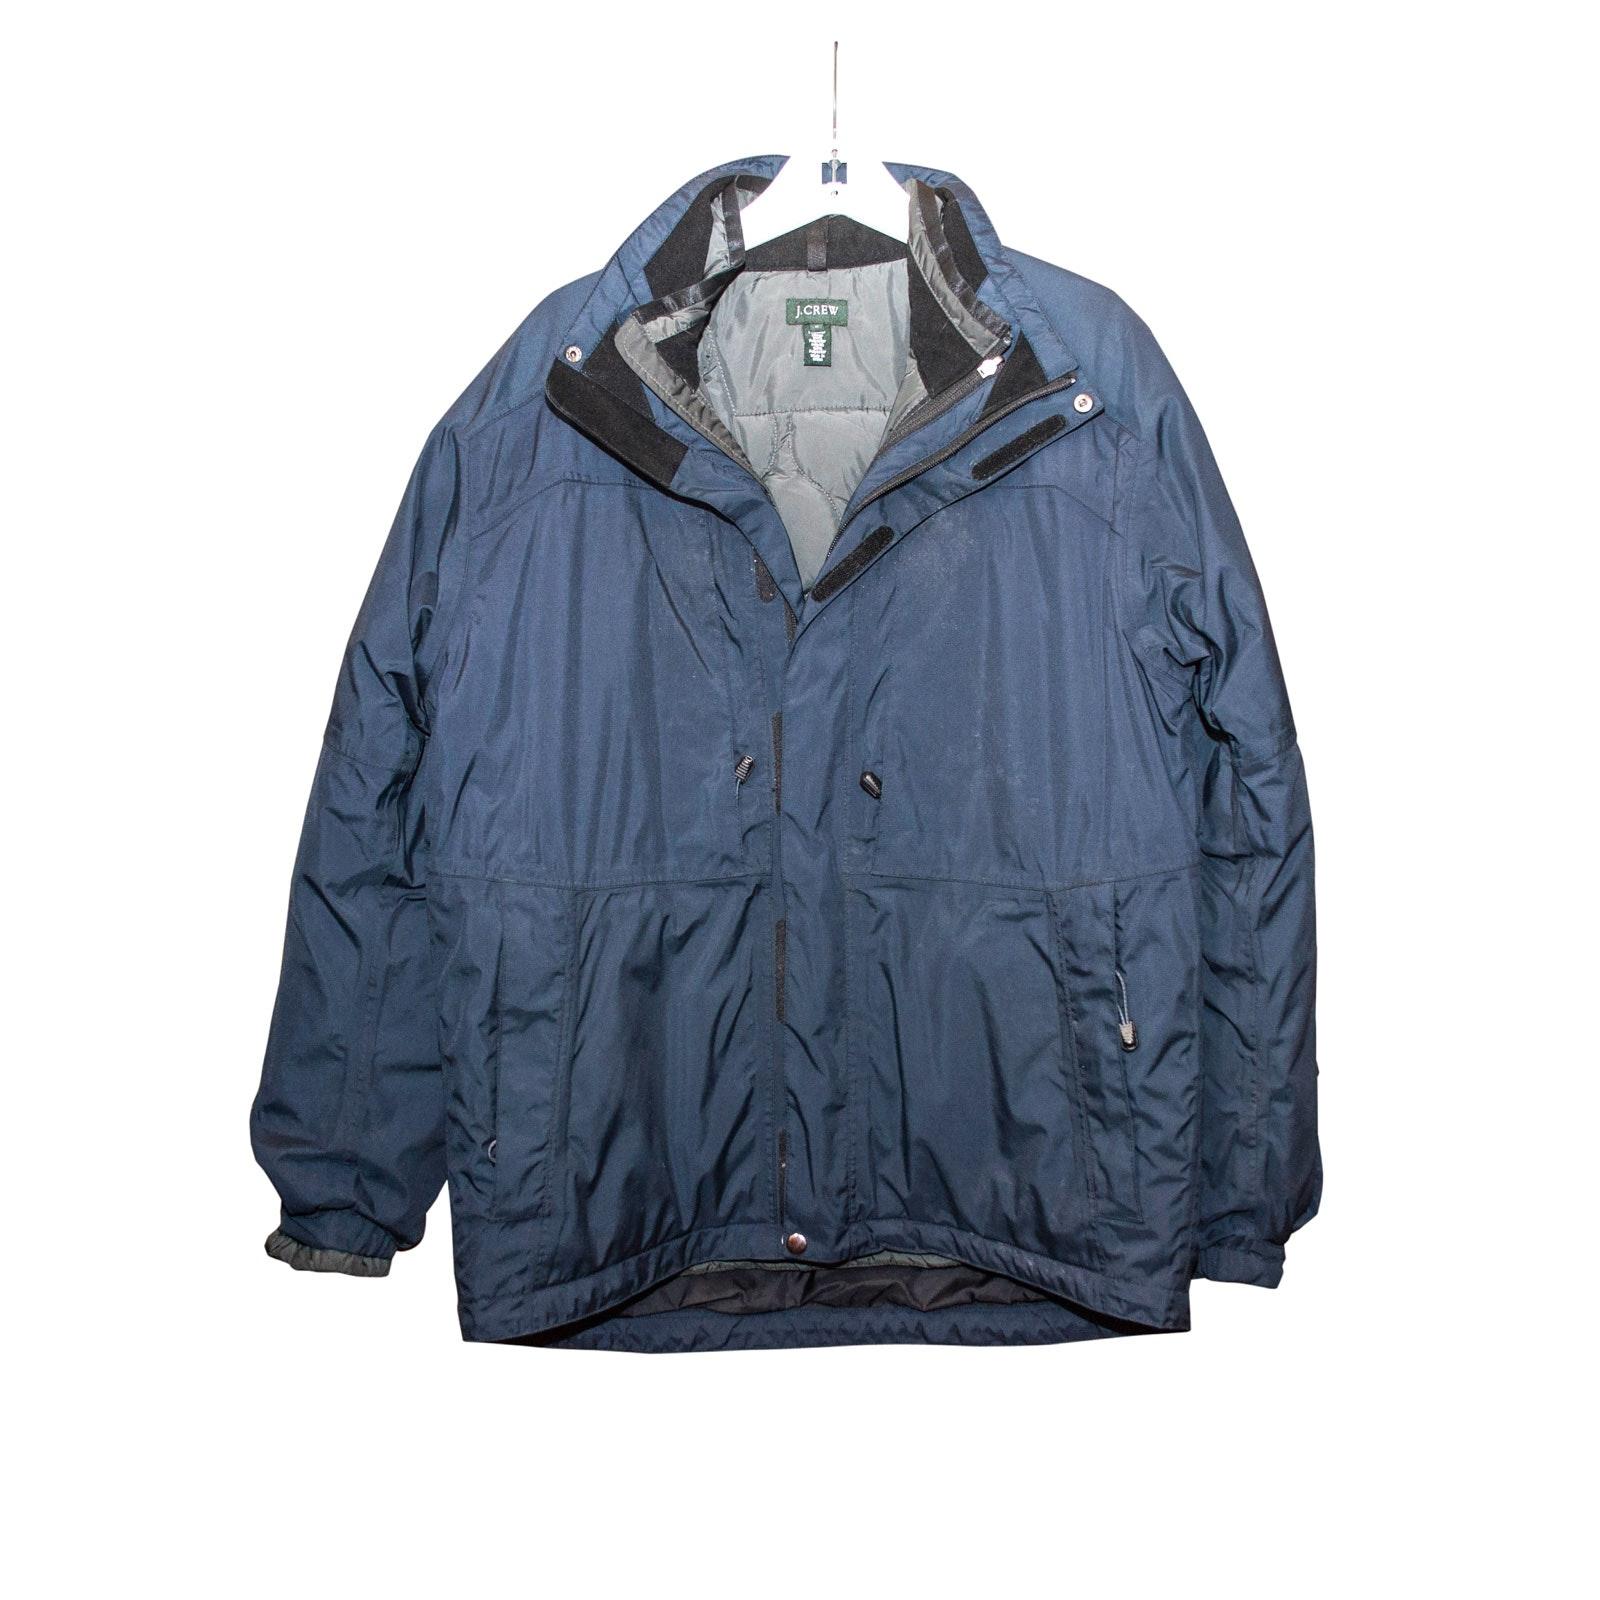 Men's J. Crew Jacket